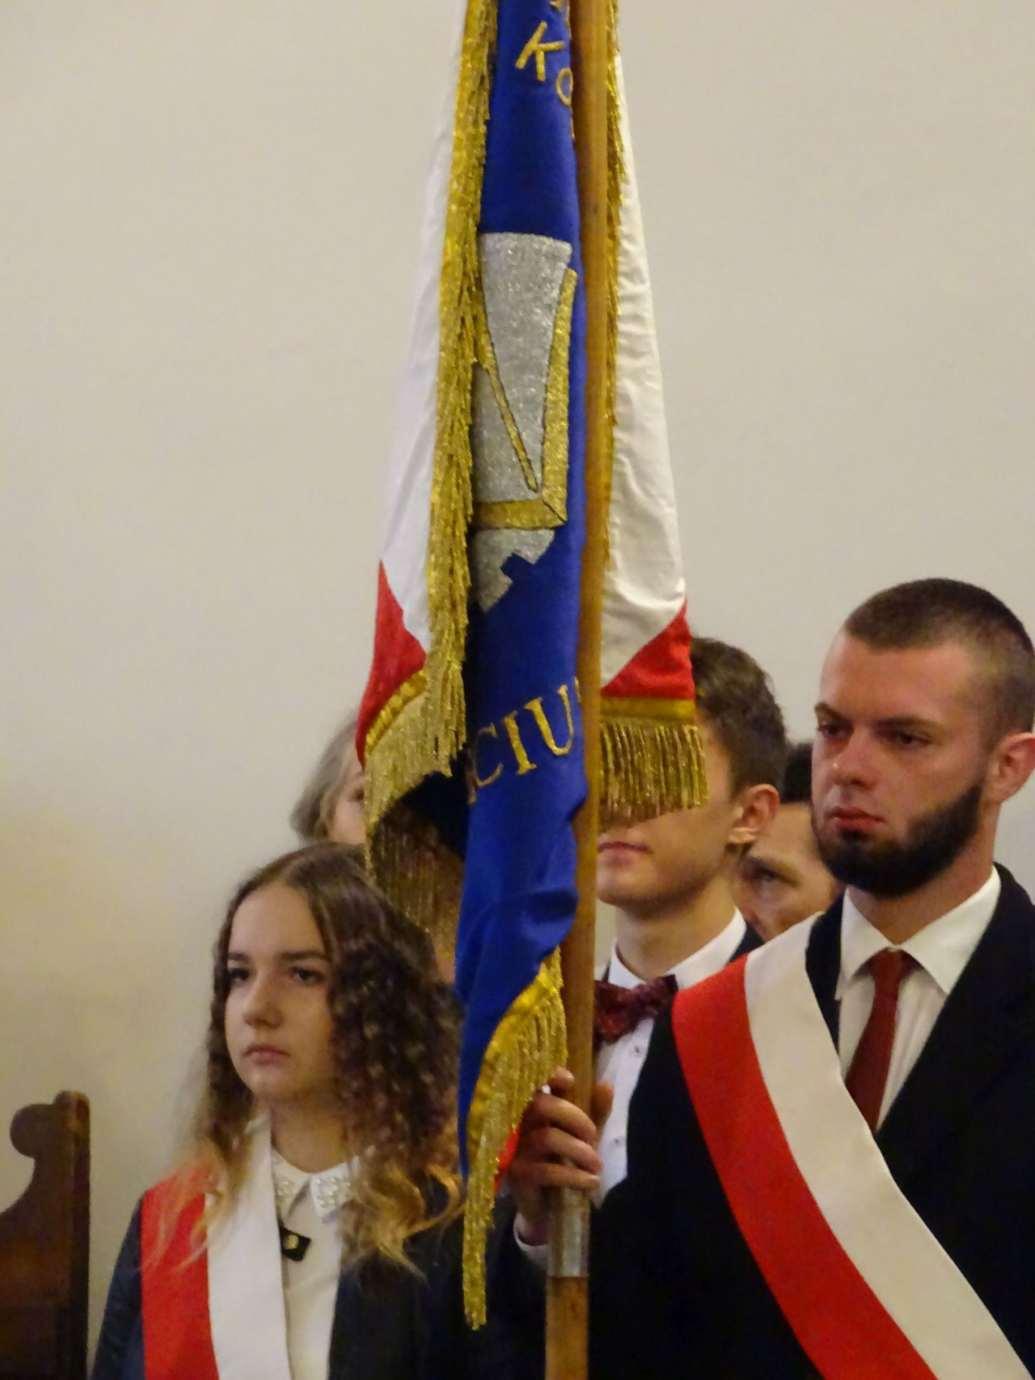 dsc07768 1 Jubileusz 100-lecia zamojskiego